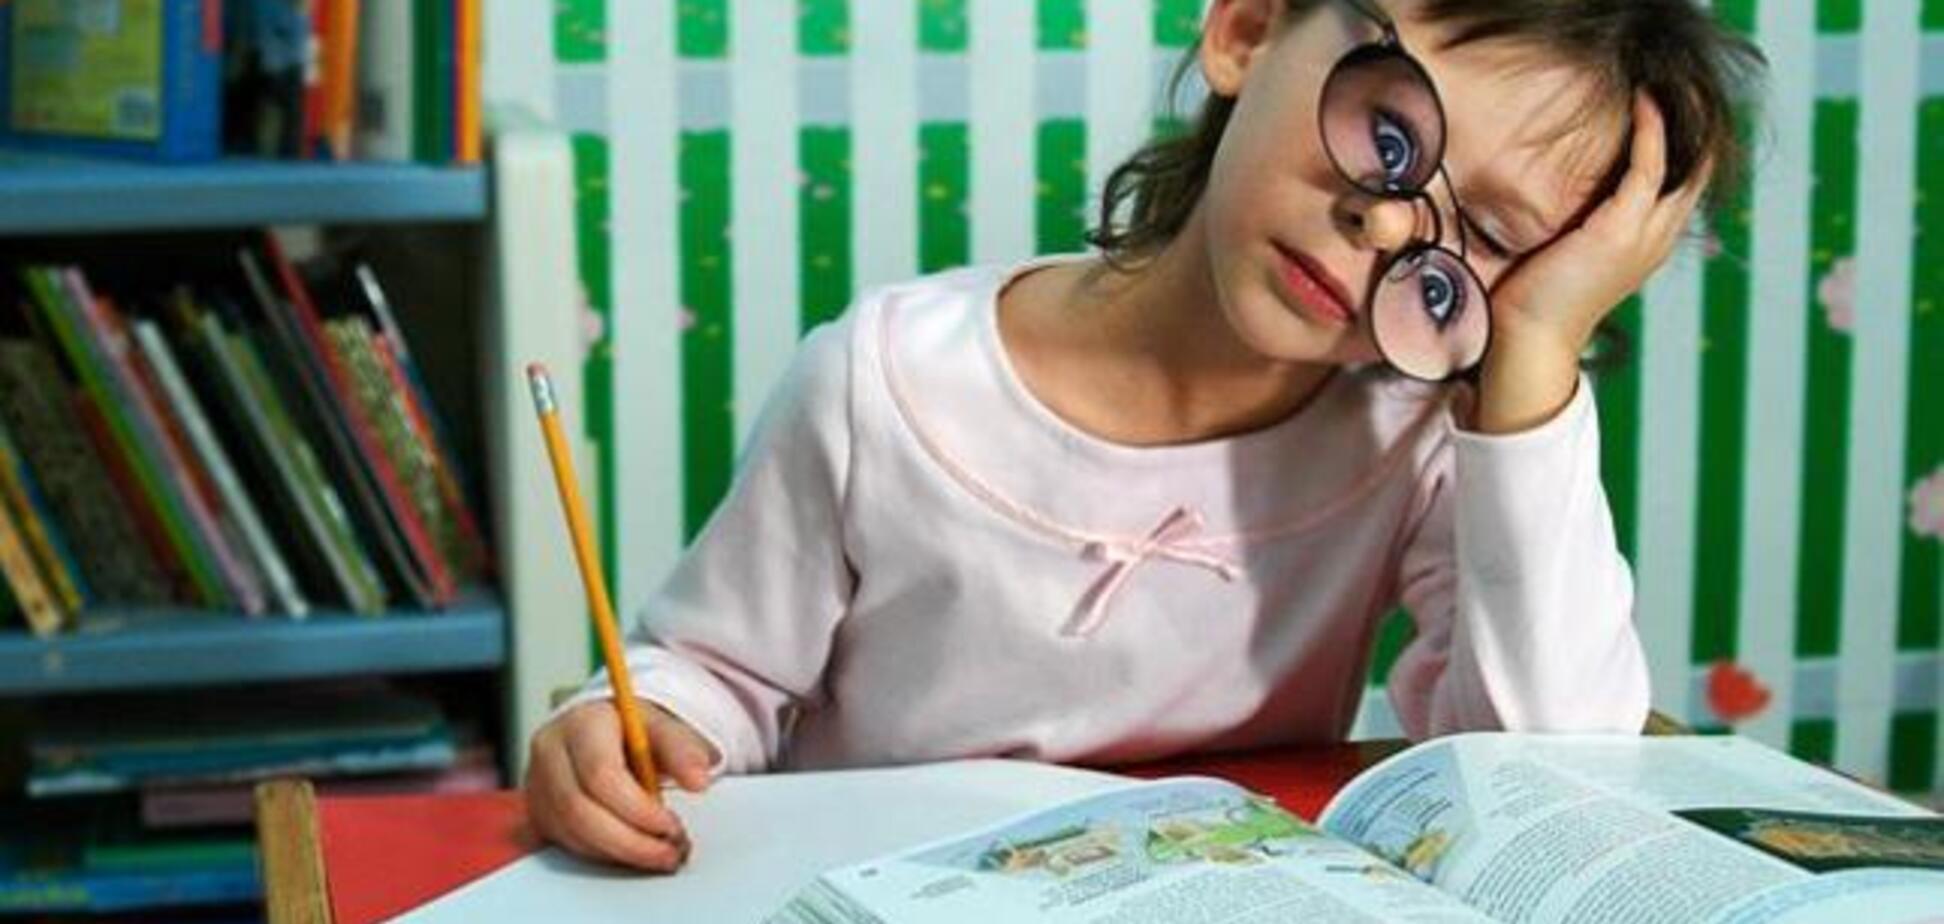 Як робити з дитиною уроки без істерик і сліз: психологиня дала поради батькам